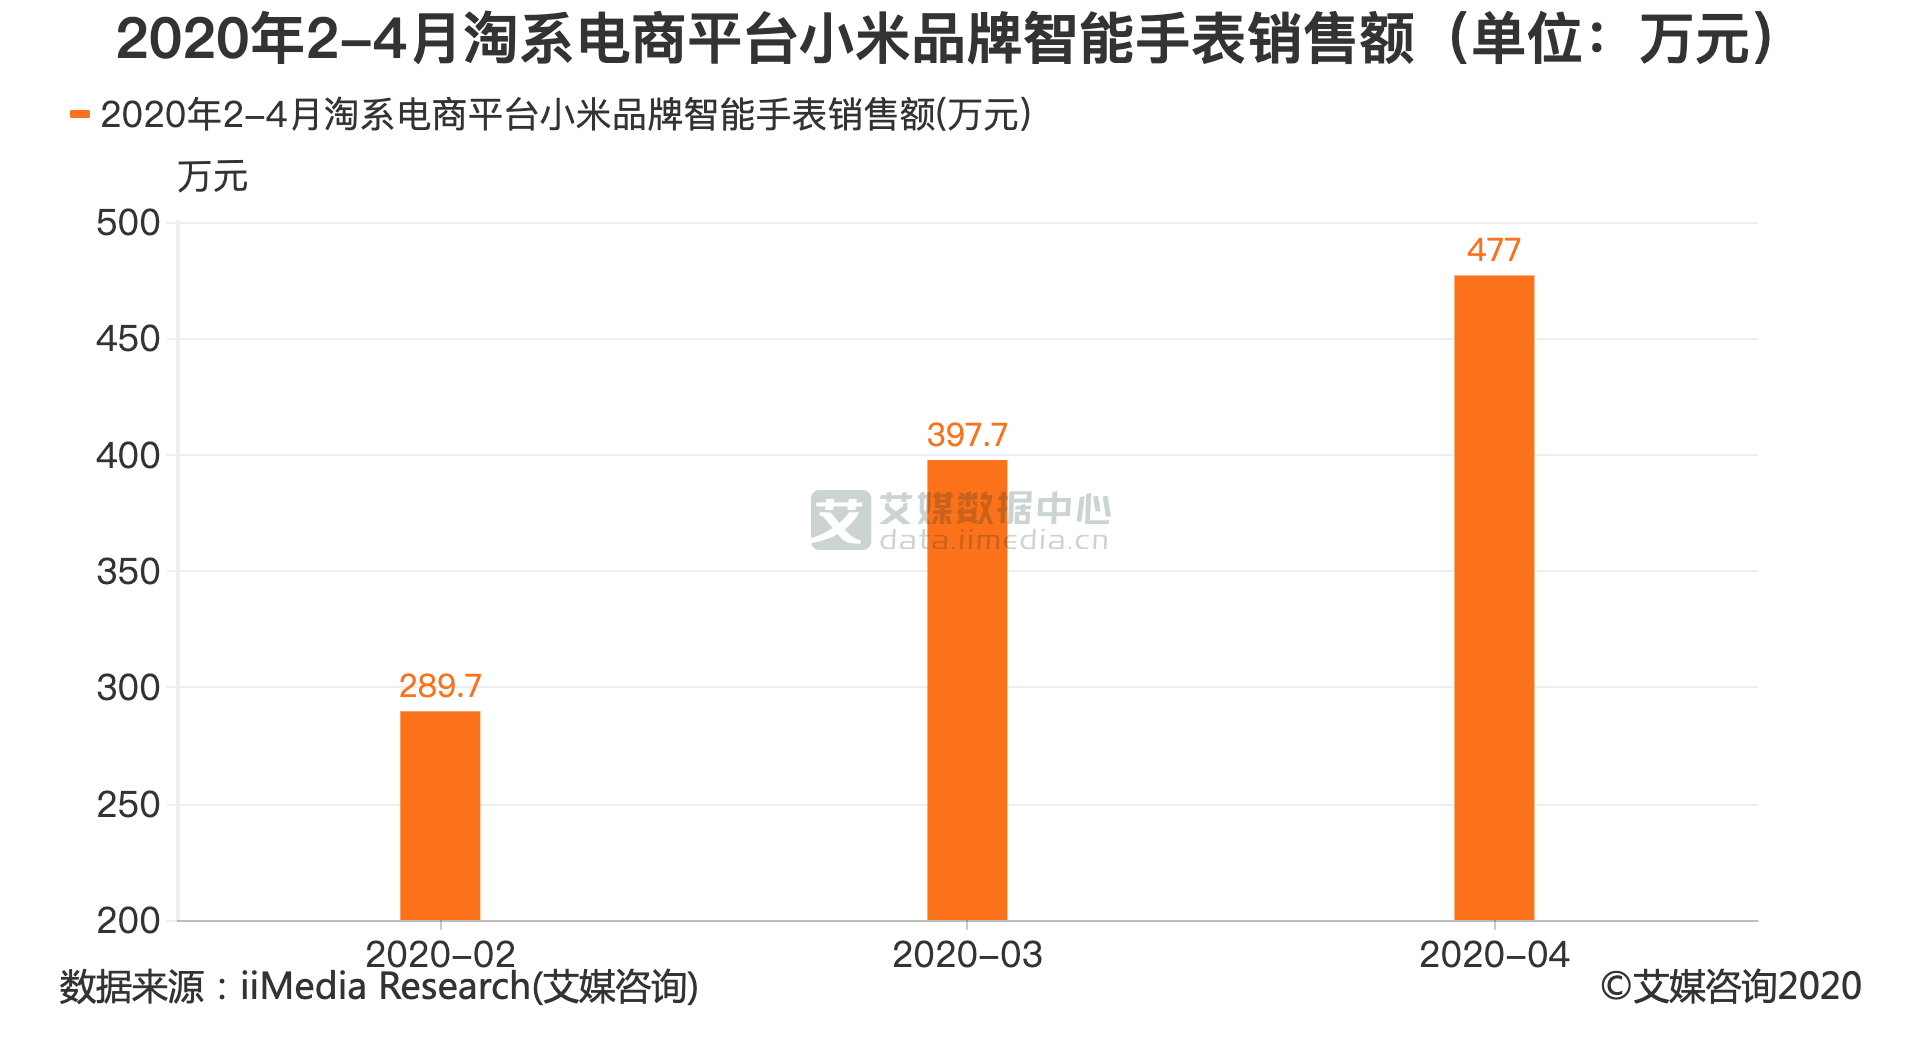 2020年2-4月淘系电商平台小米品牌智能手表销售额(单位:万元)